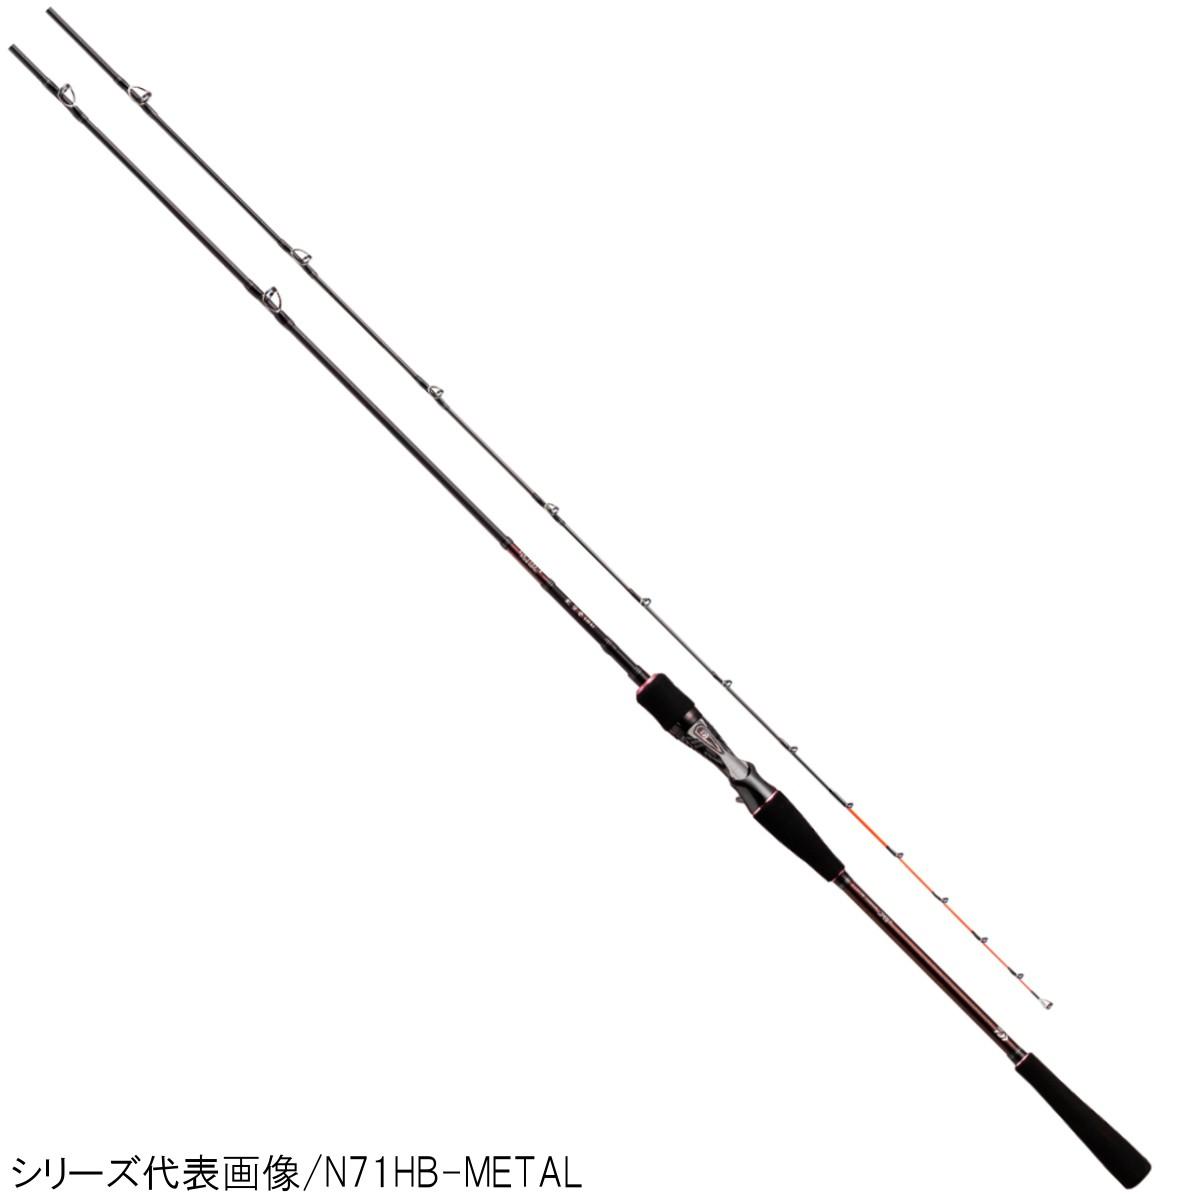 ダイワ 紅牙 AIR N69MHB-METAL【大型商品】